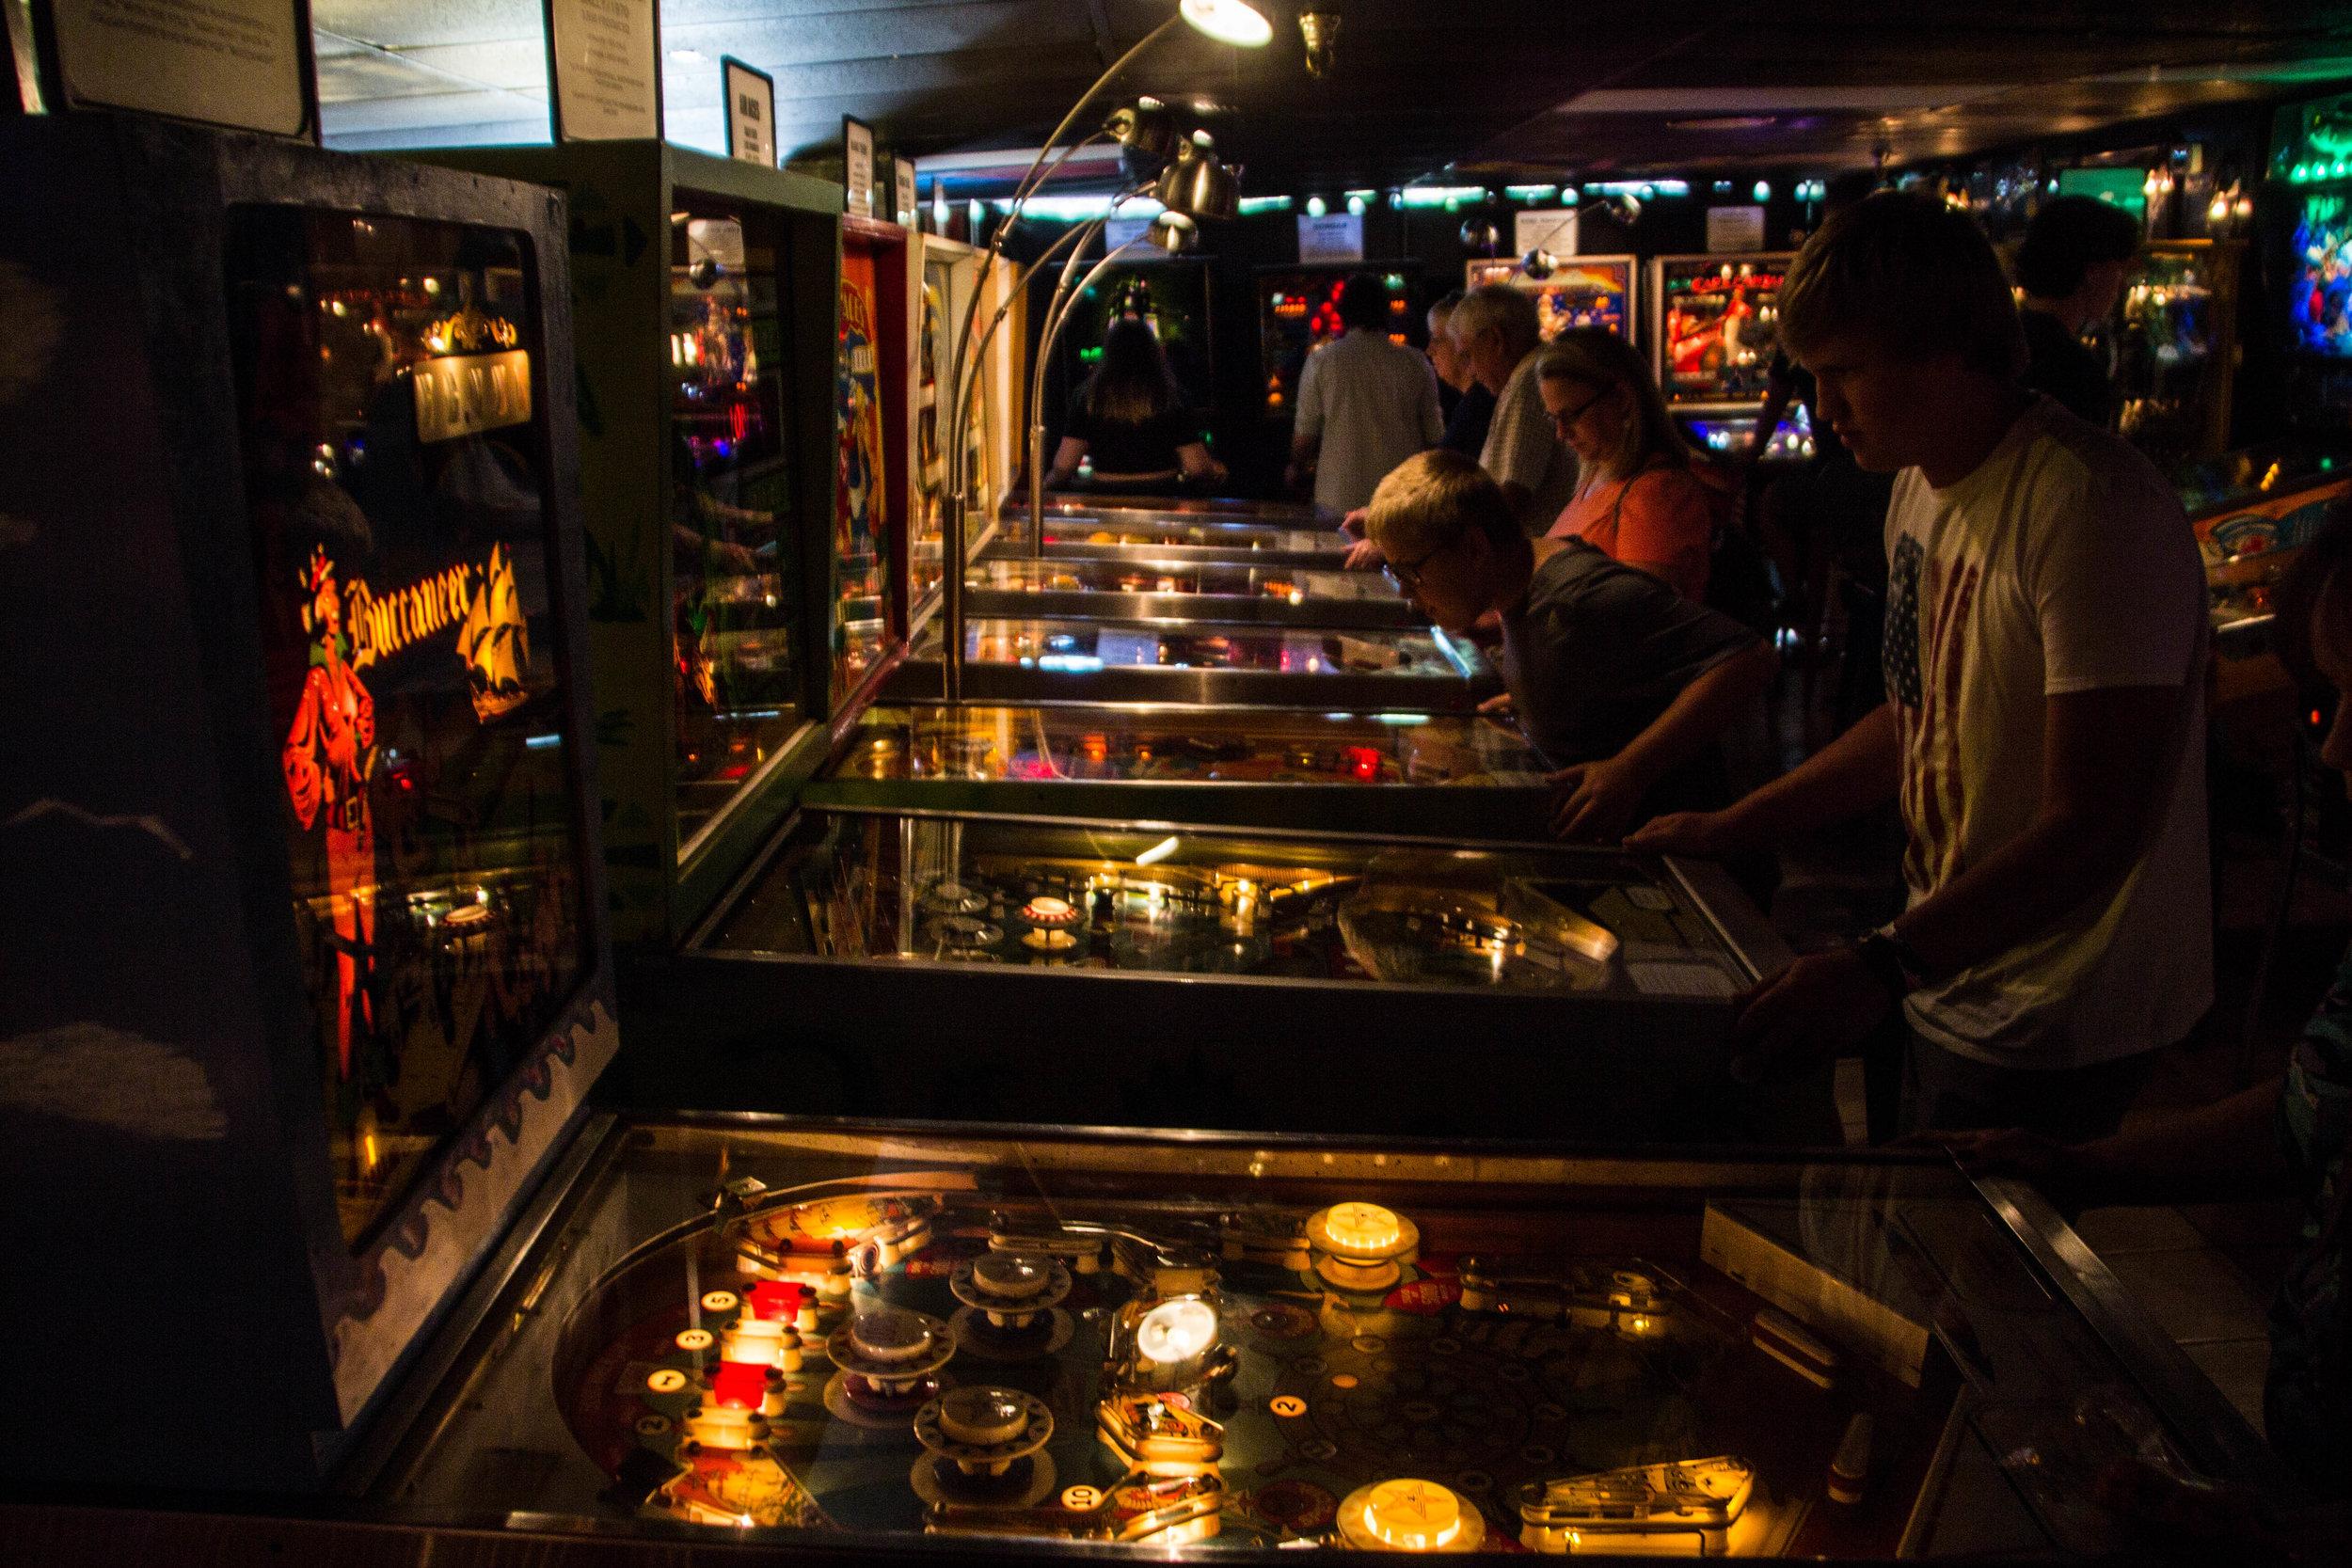 inside-pinball-museum-asheville-2.jpg